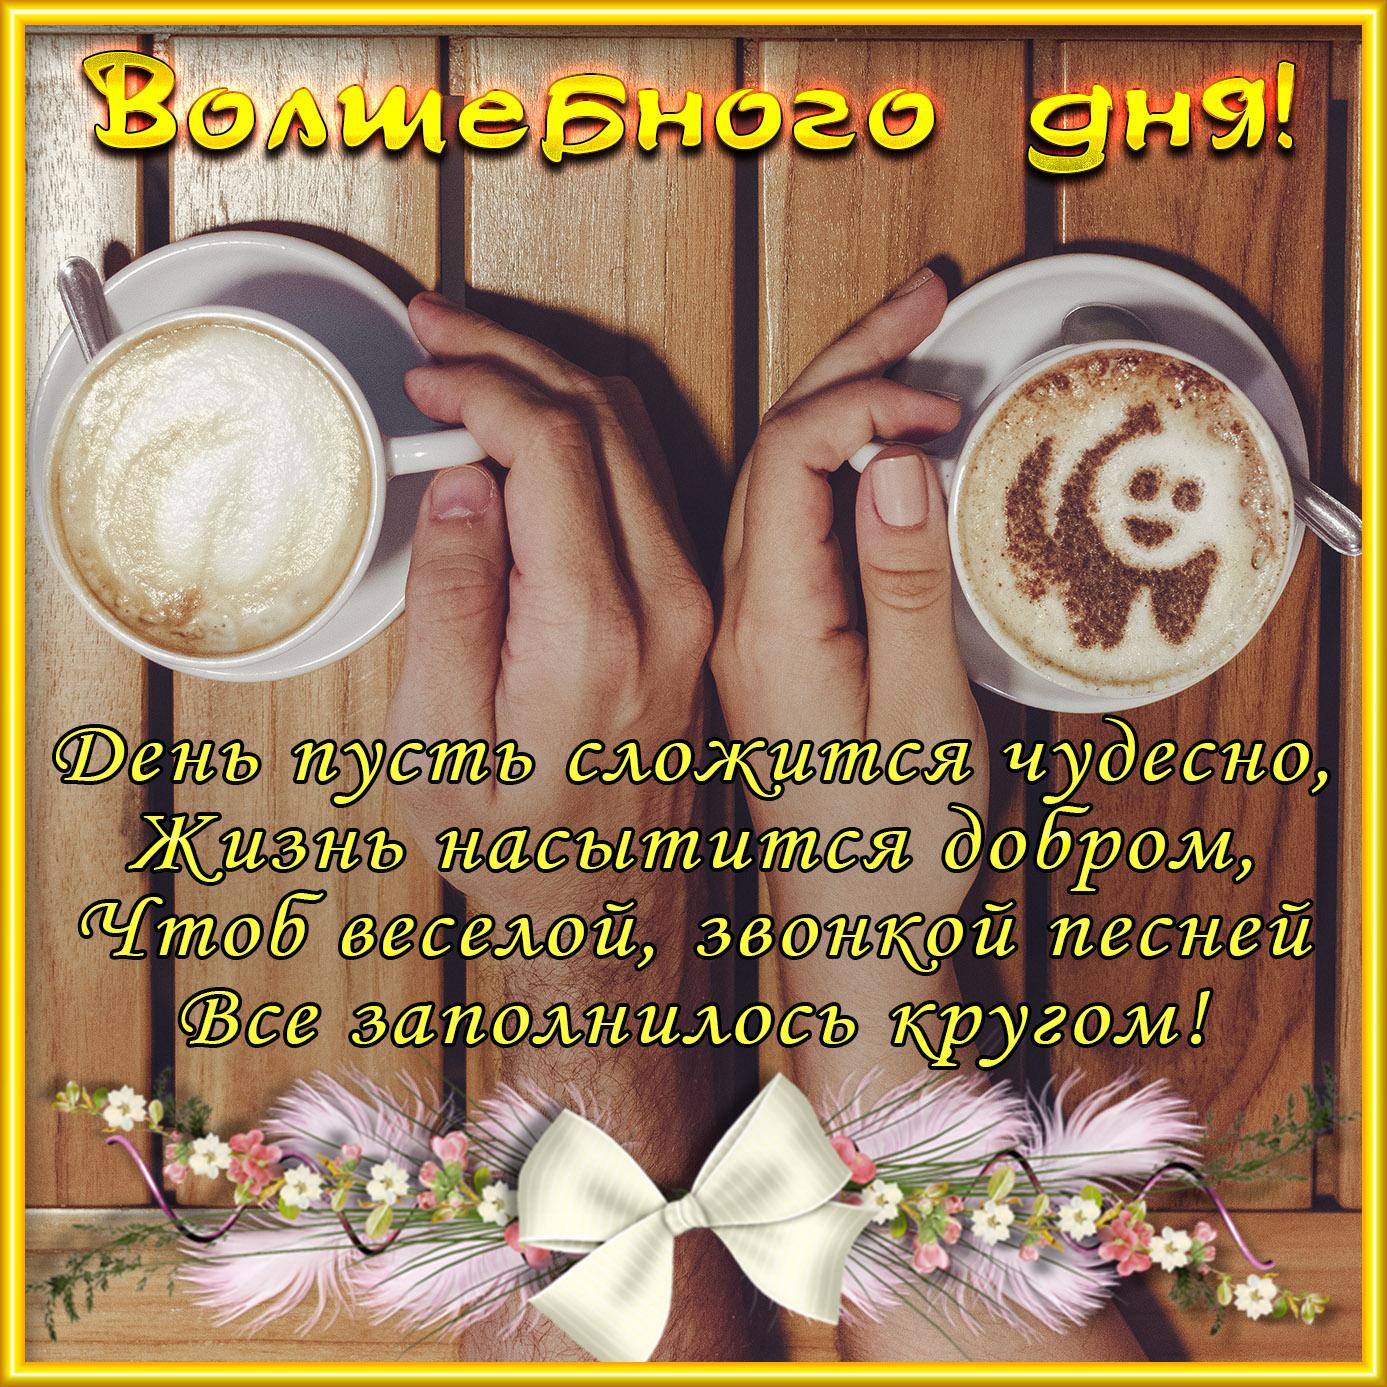 Открытка с чашечками кофе и пожеланием